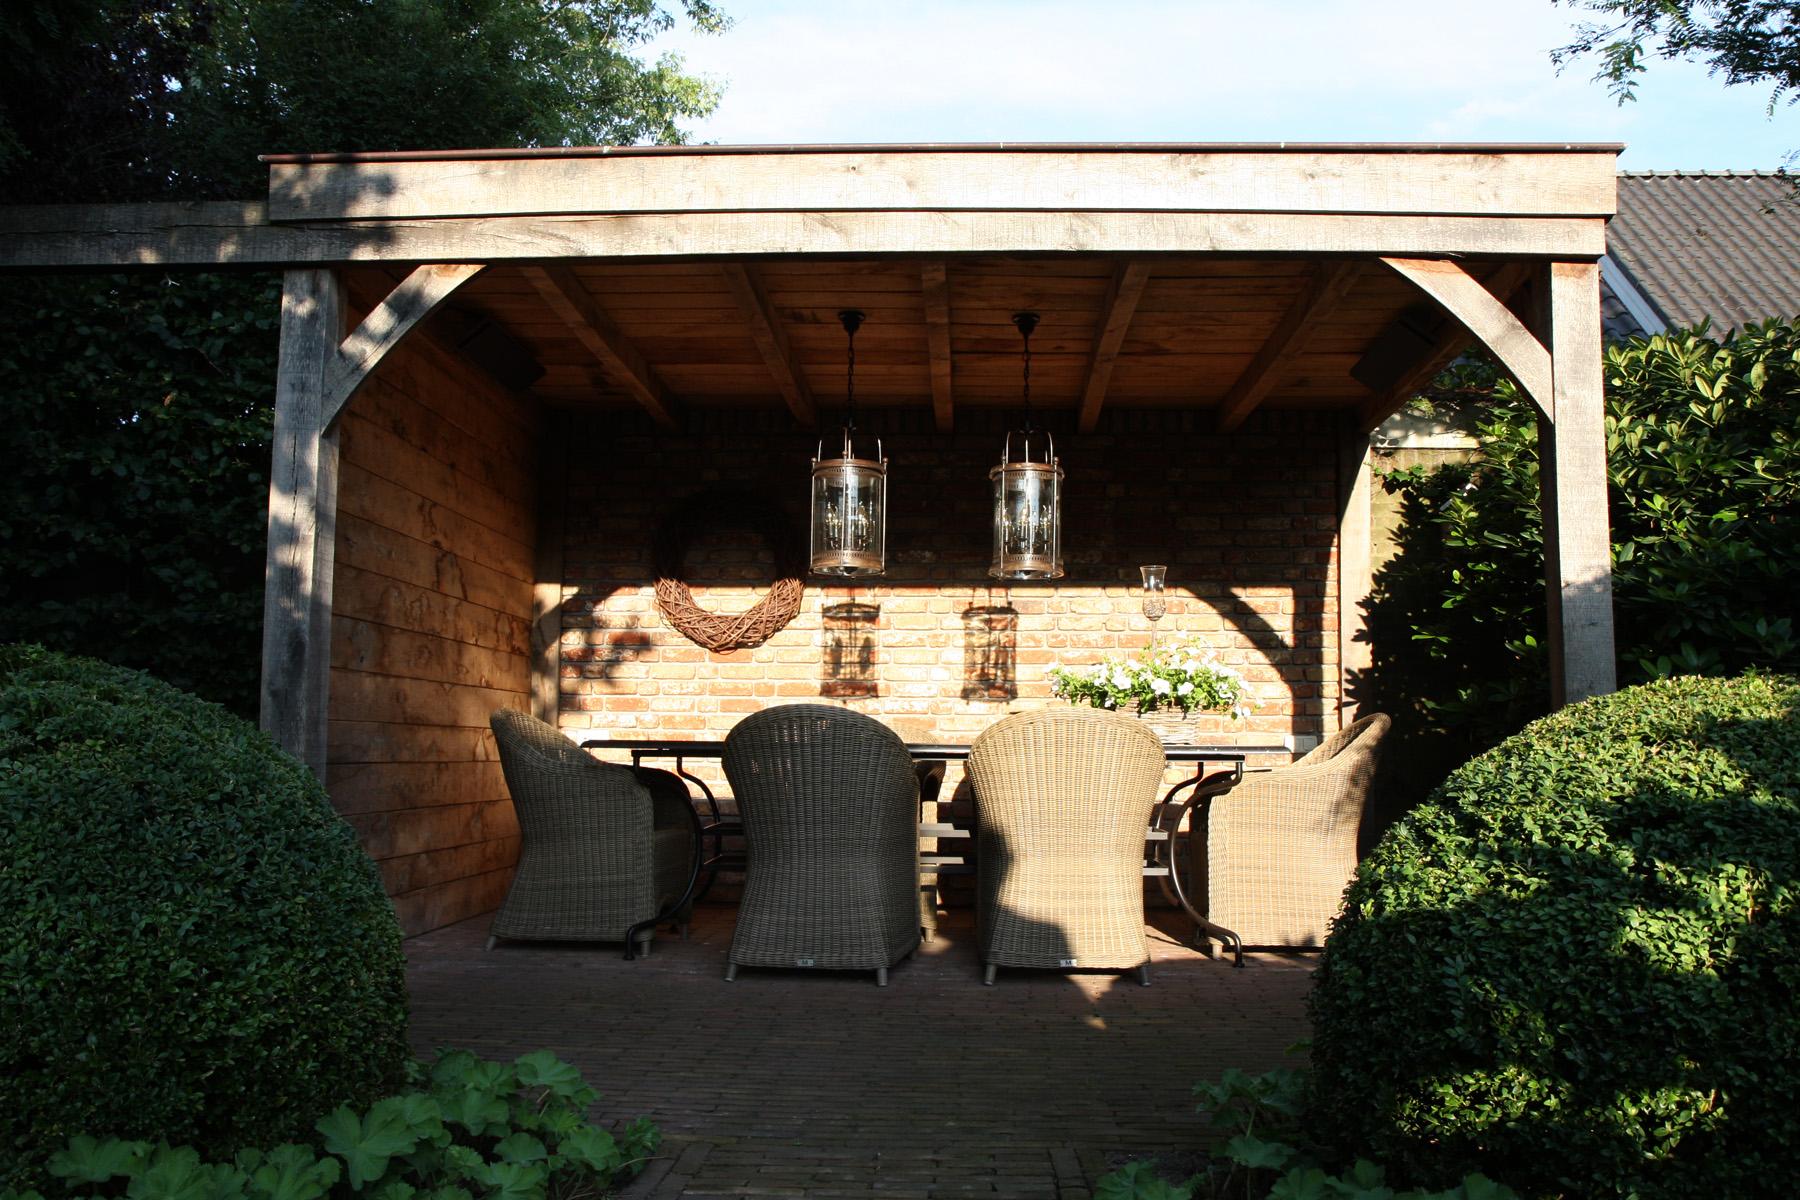 Romantische tuin de kunst van het scheppen - Tuin ontwerp tijdschrift ...